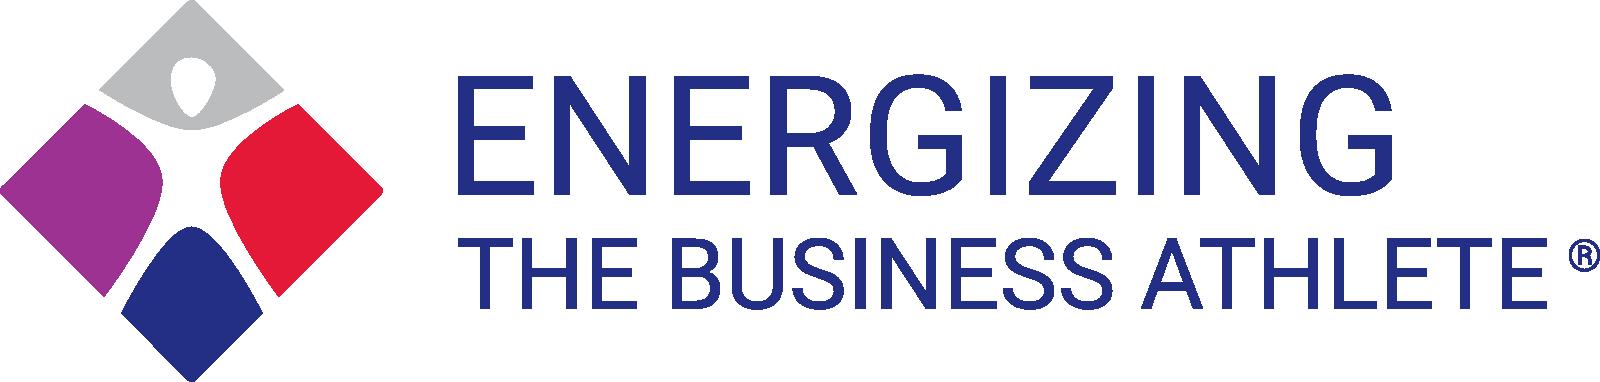 Energizing The Business Athlete